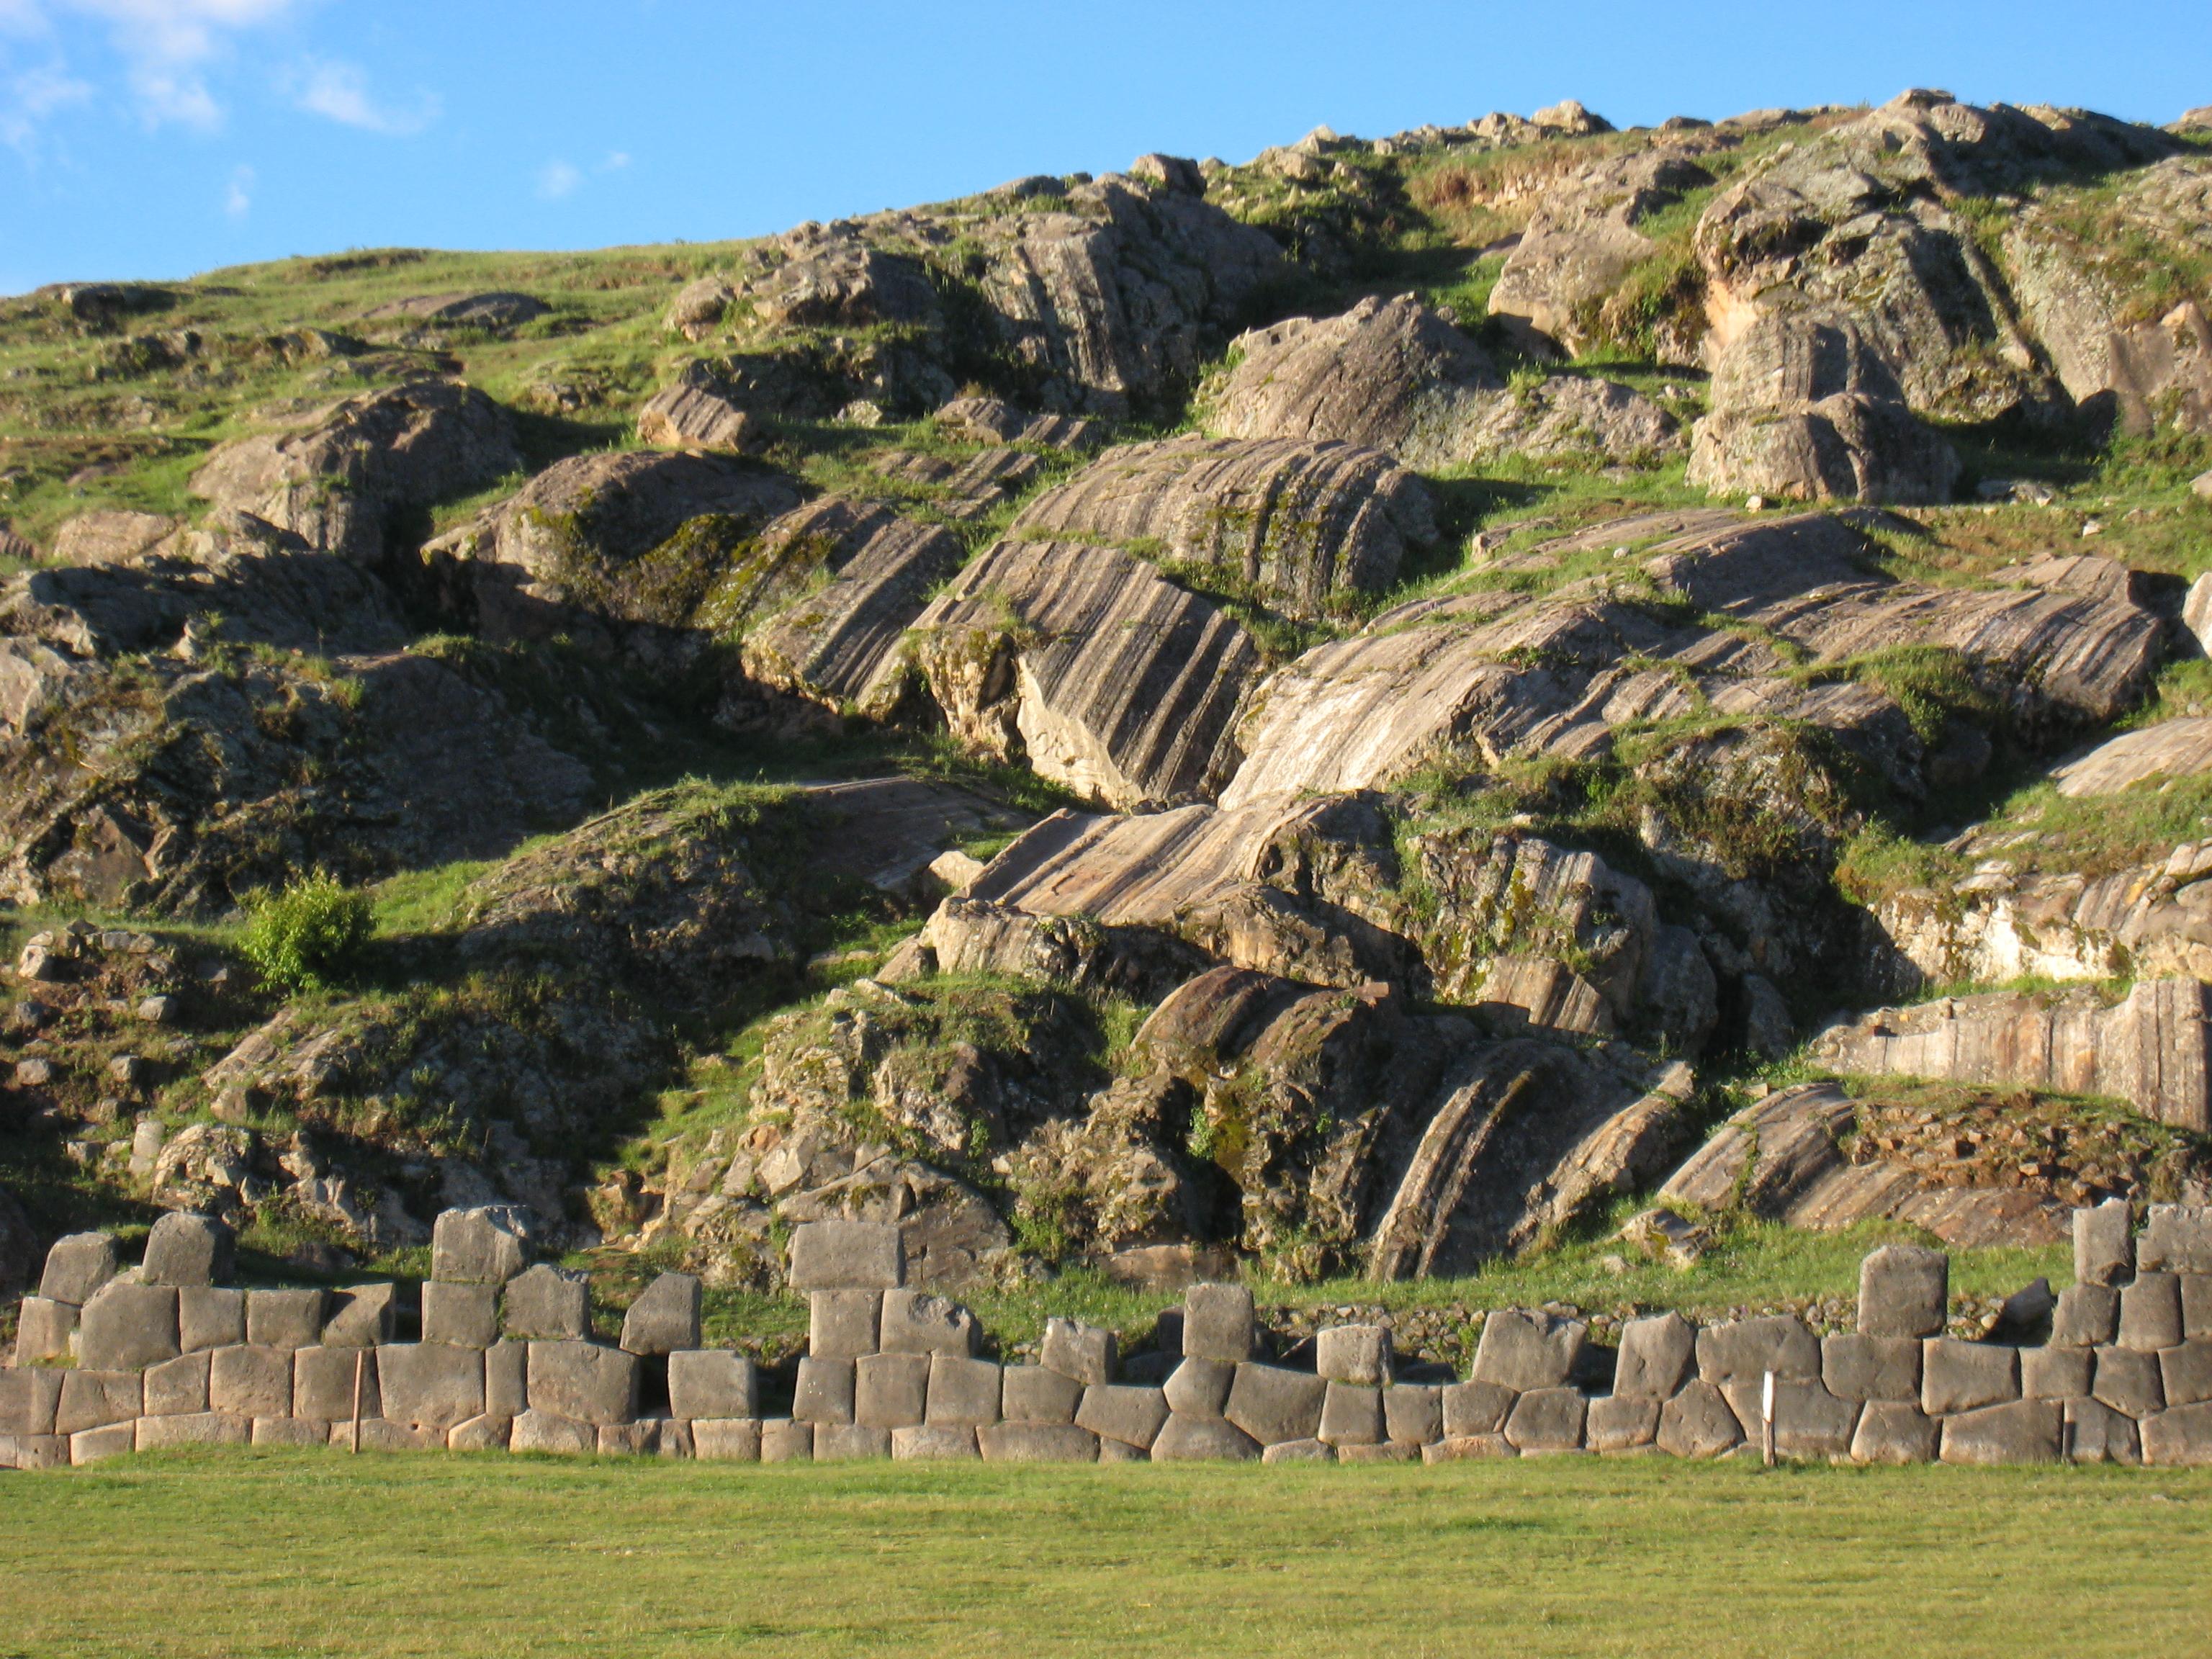 3072x2304 > Saksaywaman Wallpapers